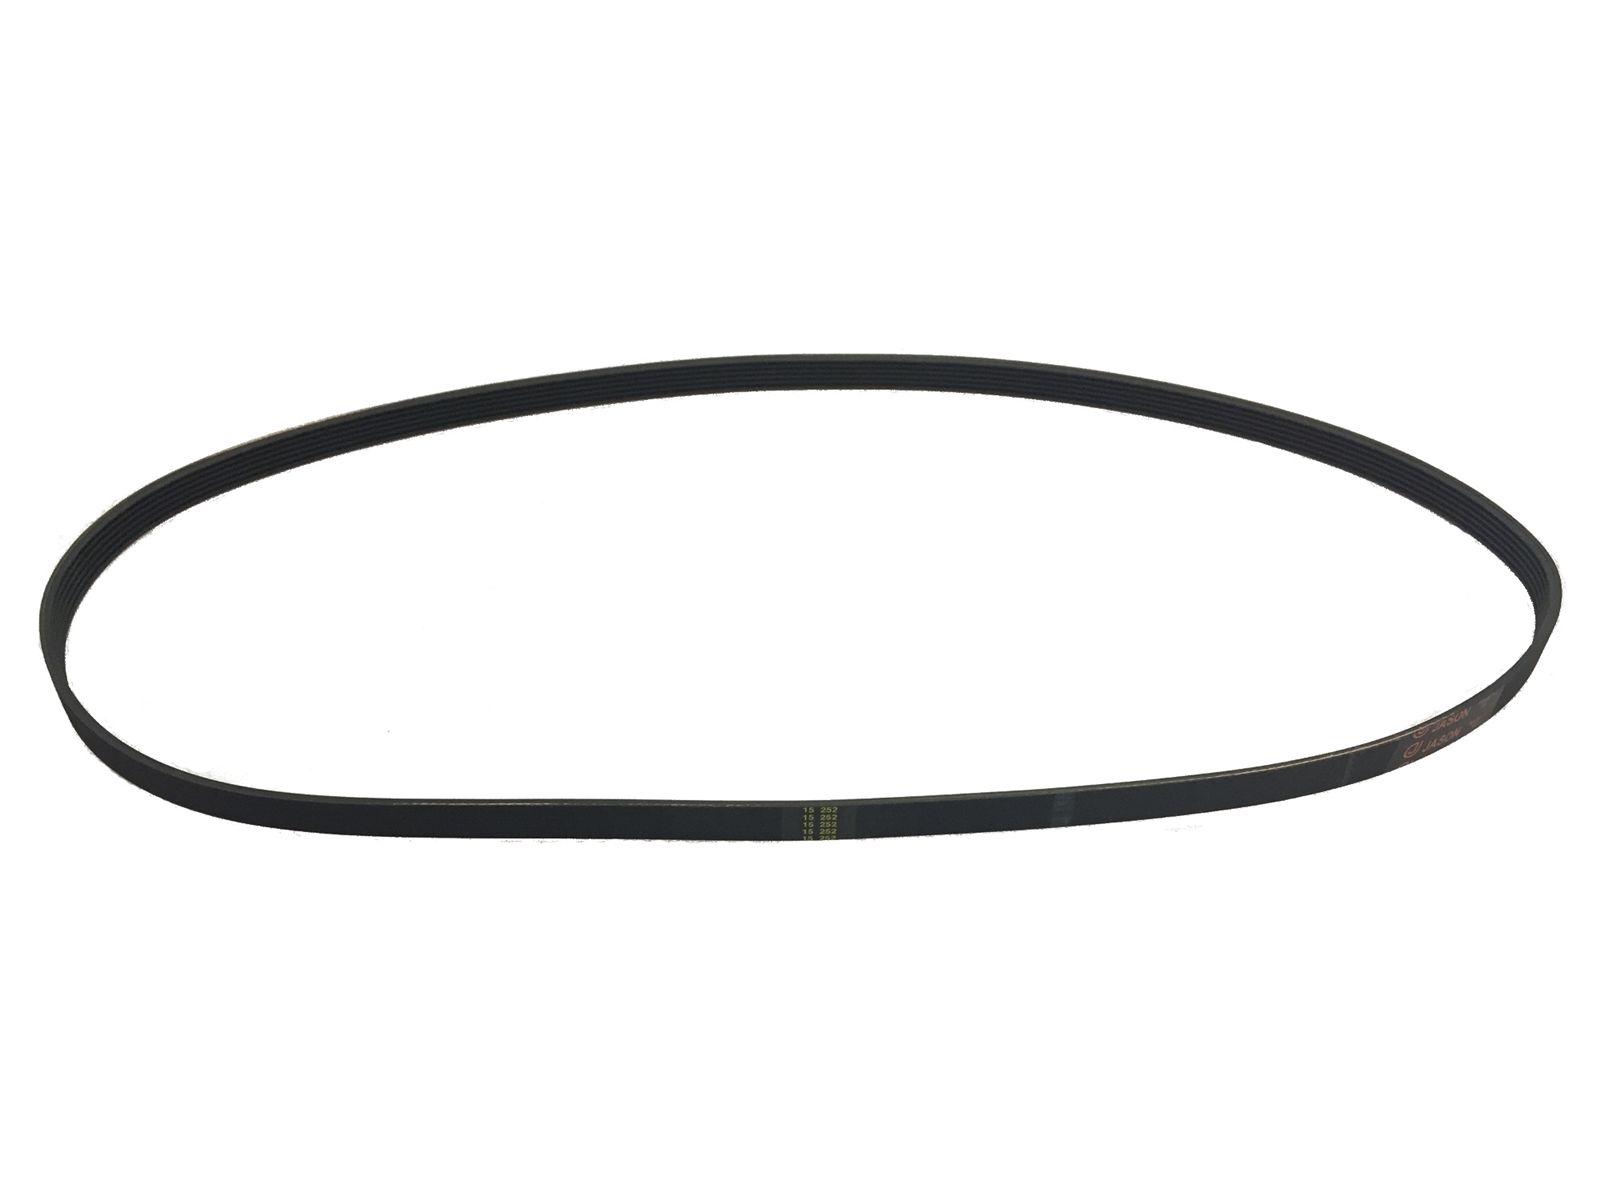 Air Compressor Belt For C Bt 224 J6 47 3 Oem Craftsman